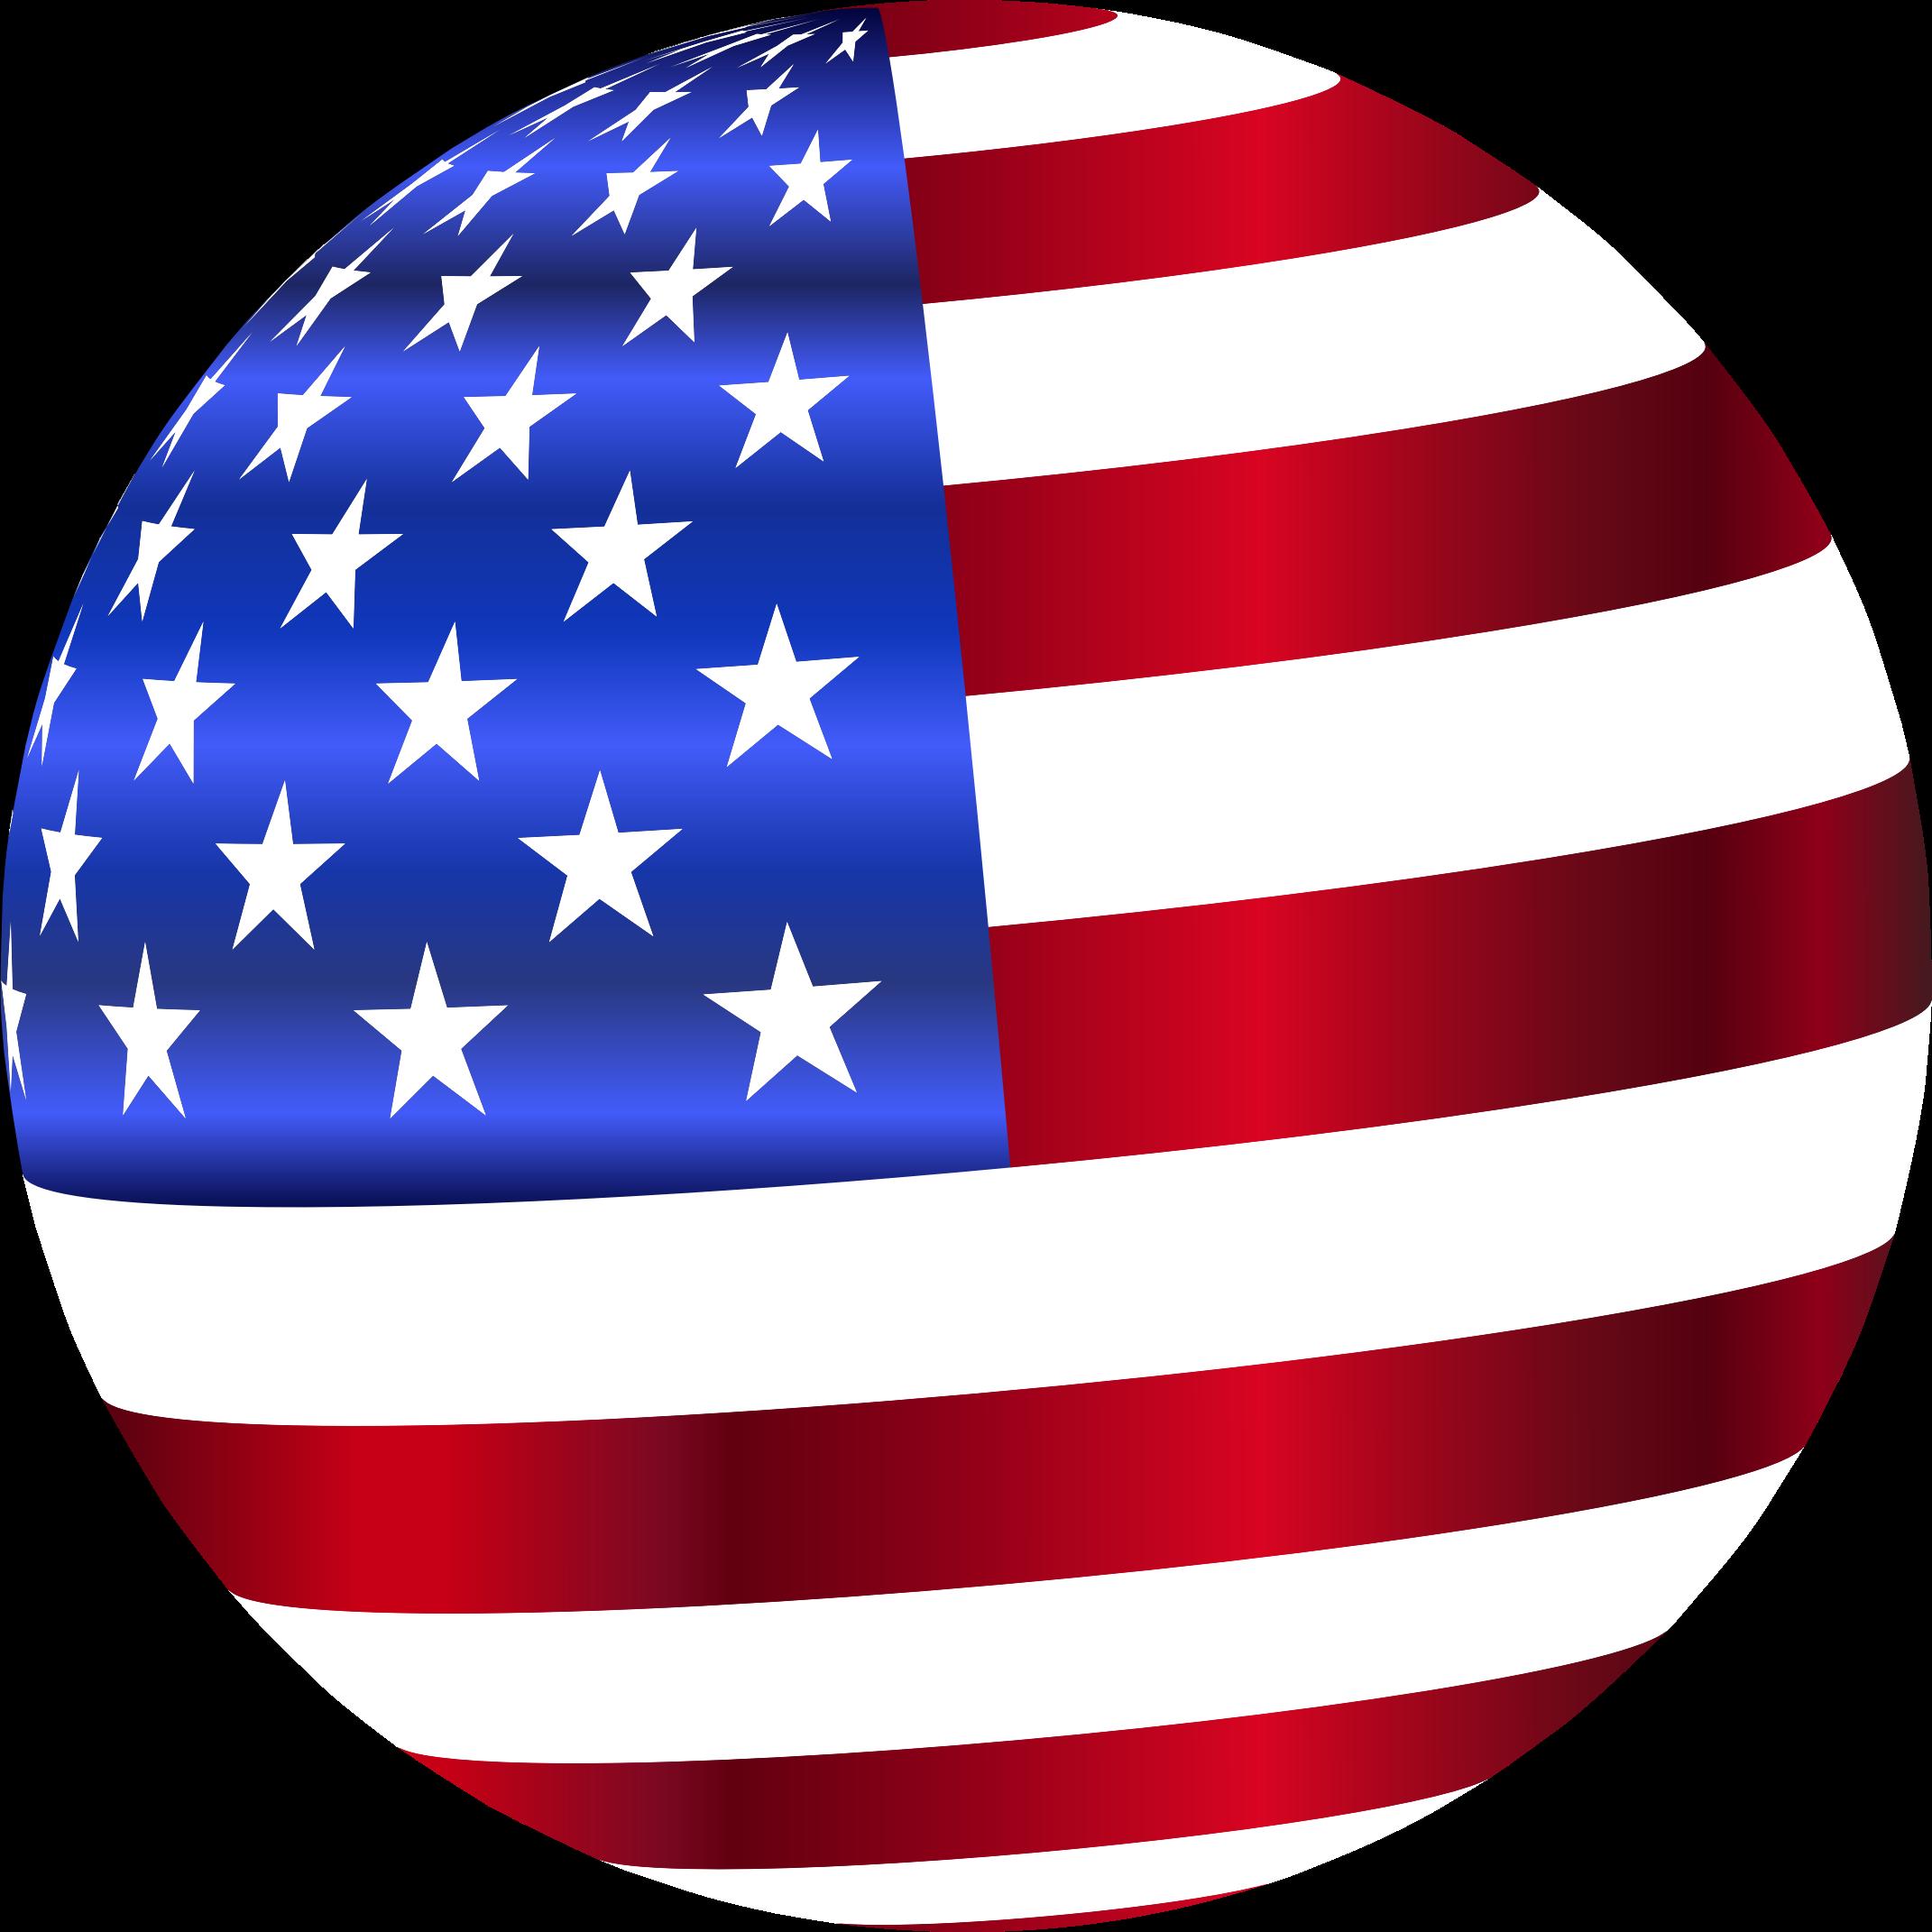 сегодня флаг америки картинки вопрос мне кажется